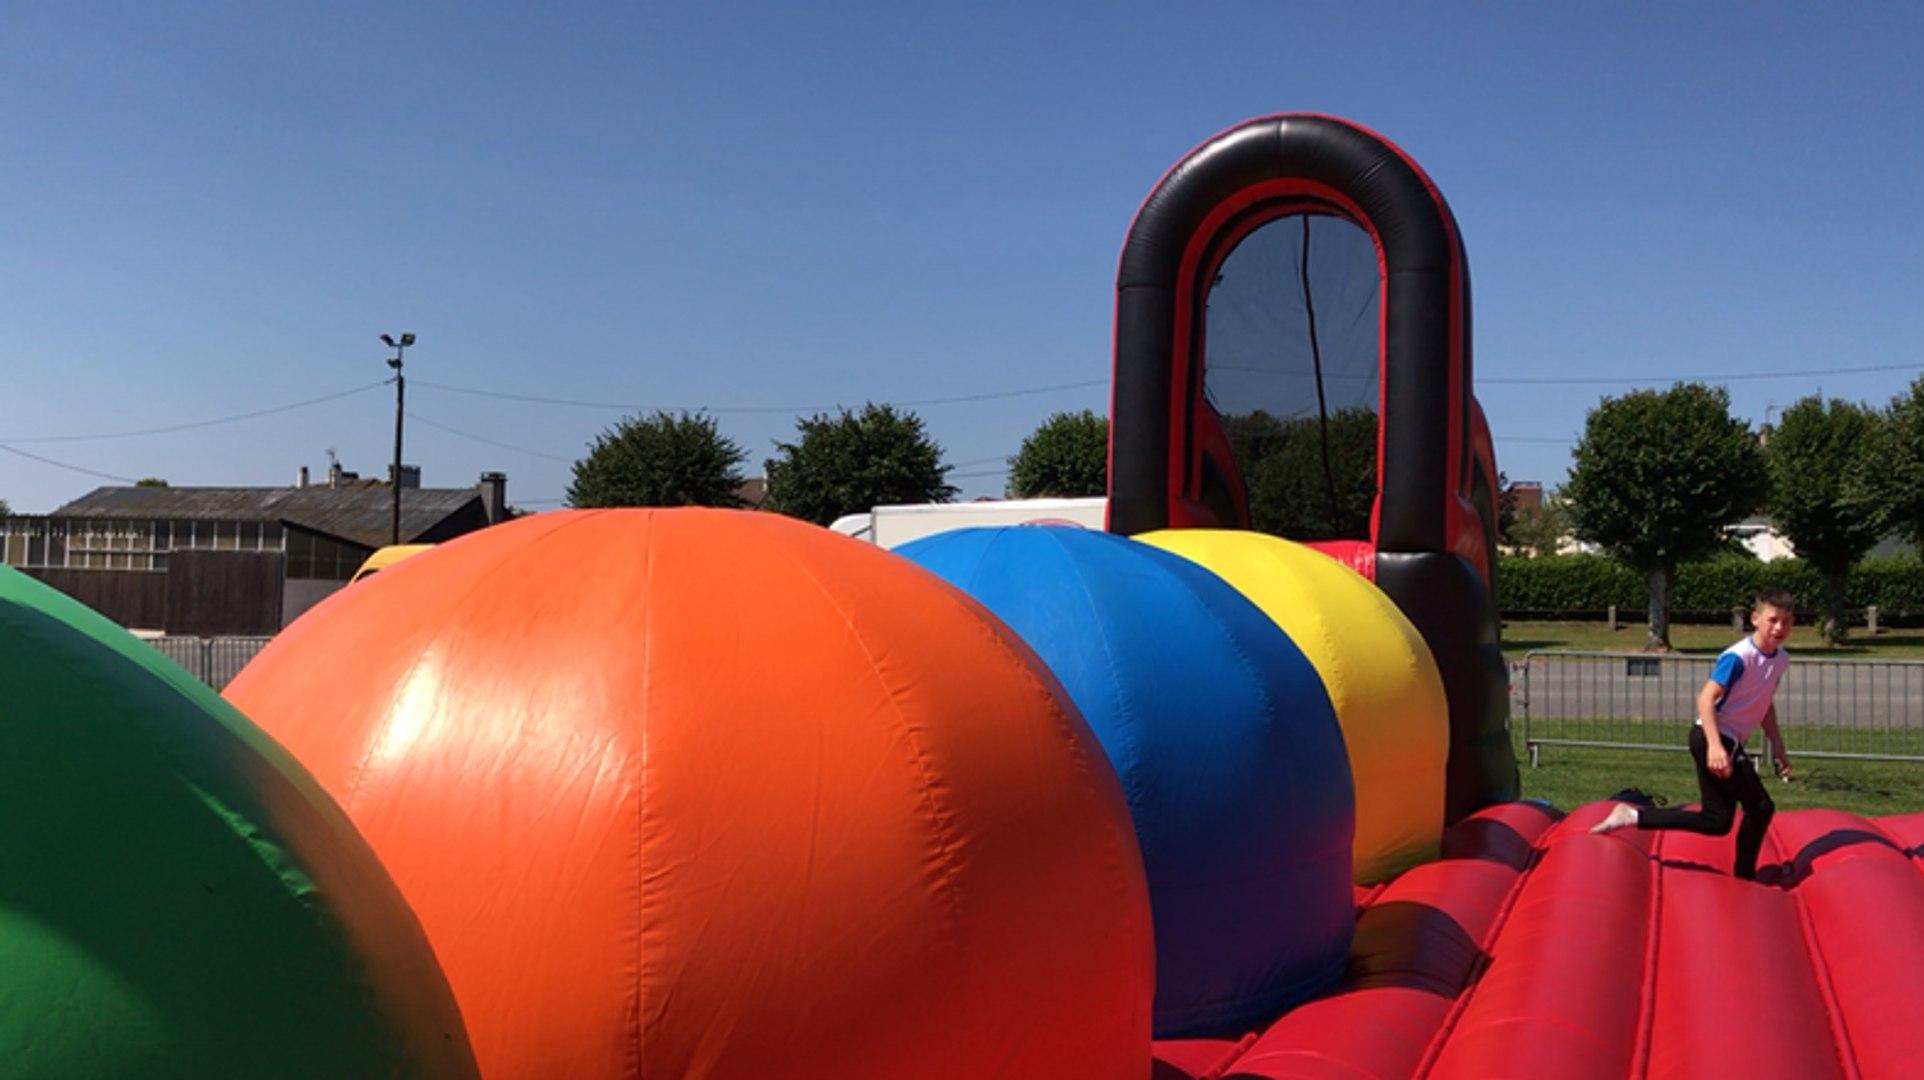 Près de Flers : les enfants peuvent s'amuser tout le week-end à Tinchebray plage